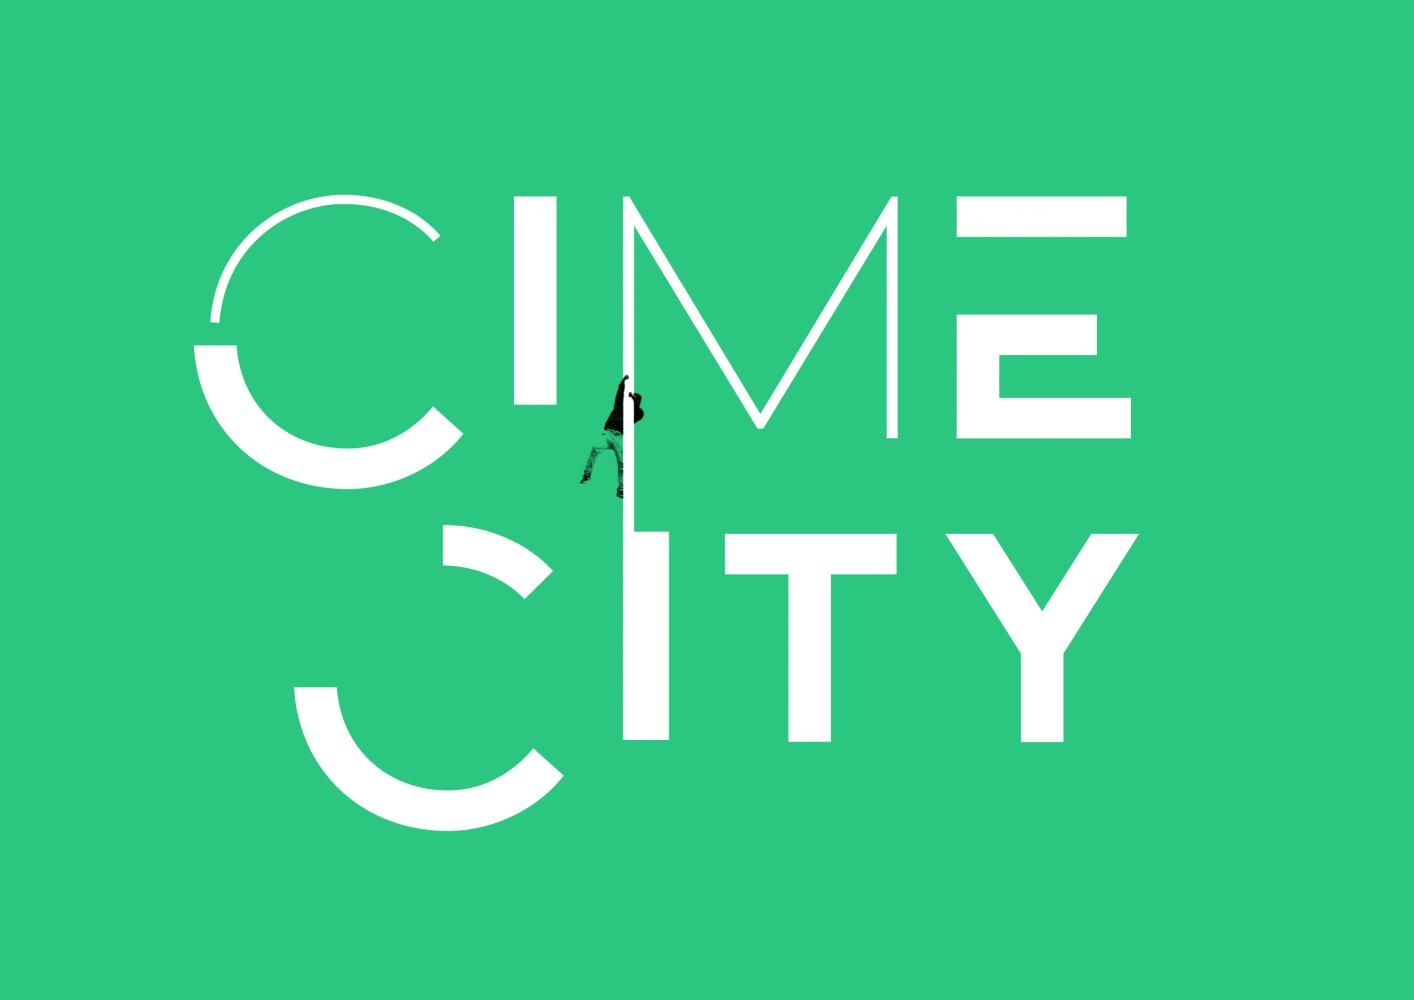 cime_city_board1